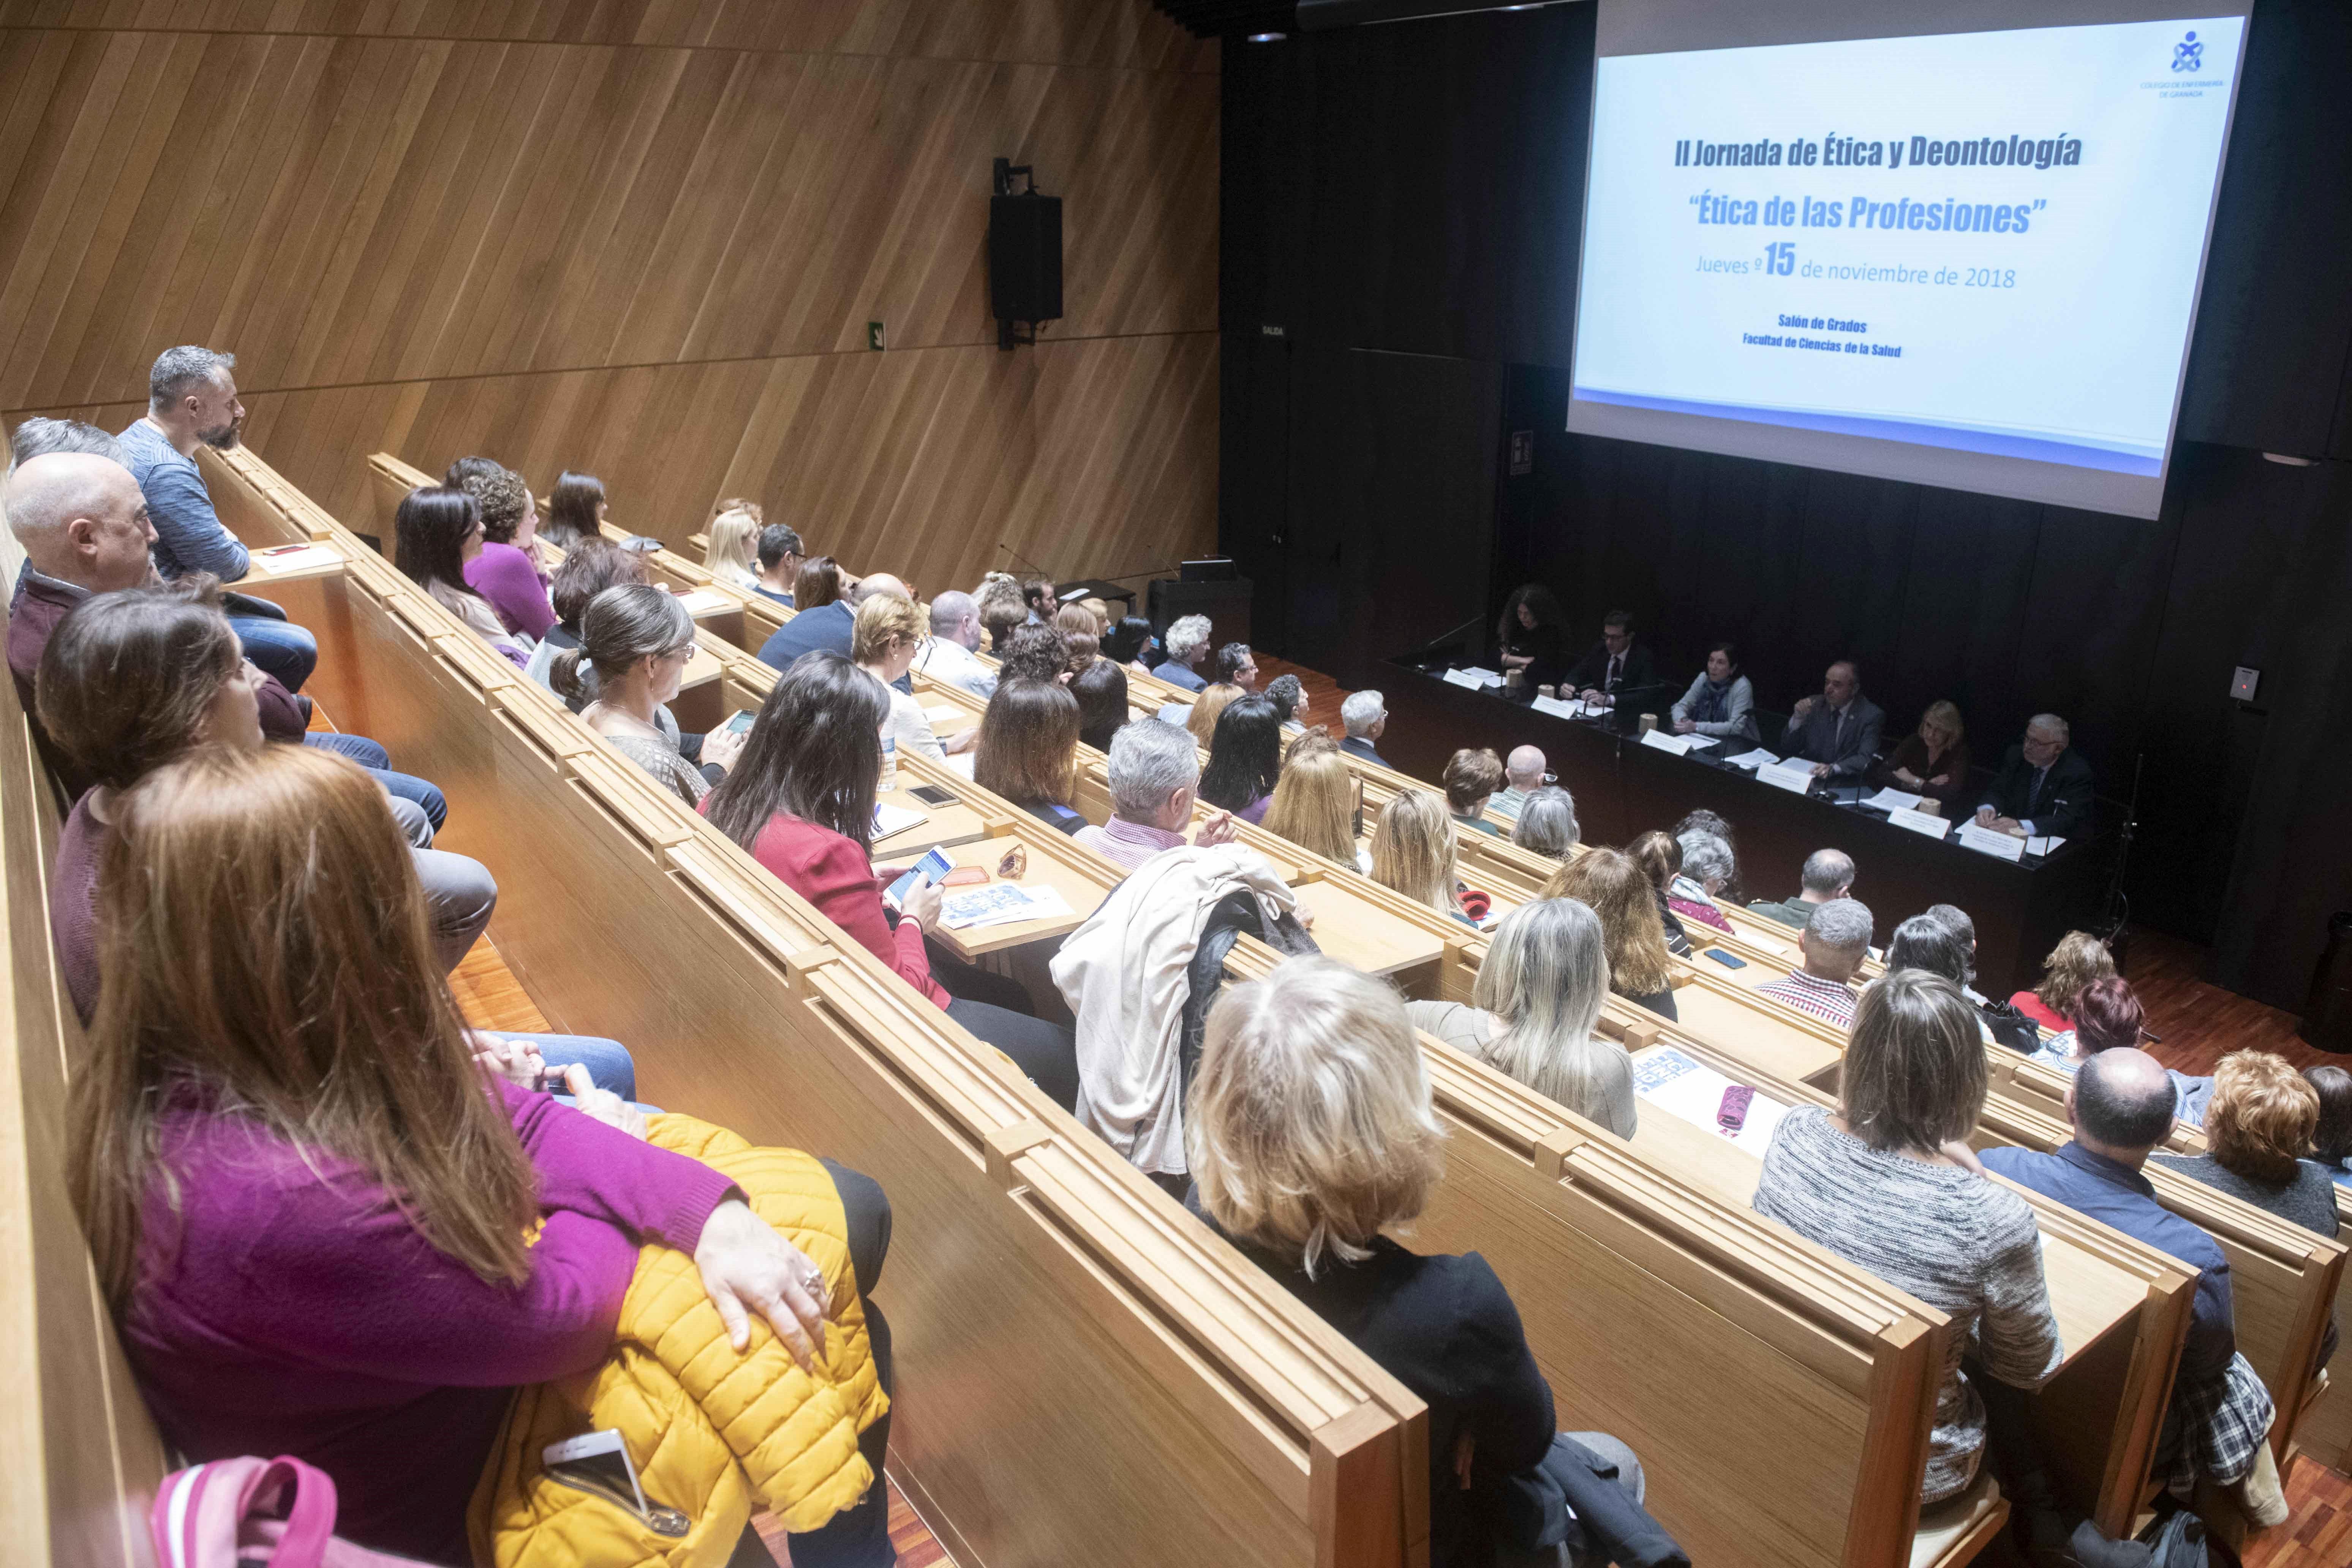 Profesionales y estudiantes debaten sobre ética y deontología en las jornadas anuales del Colegio de Enfermería de Granada